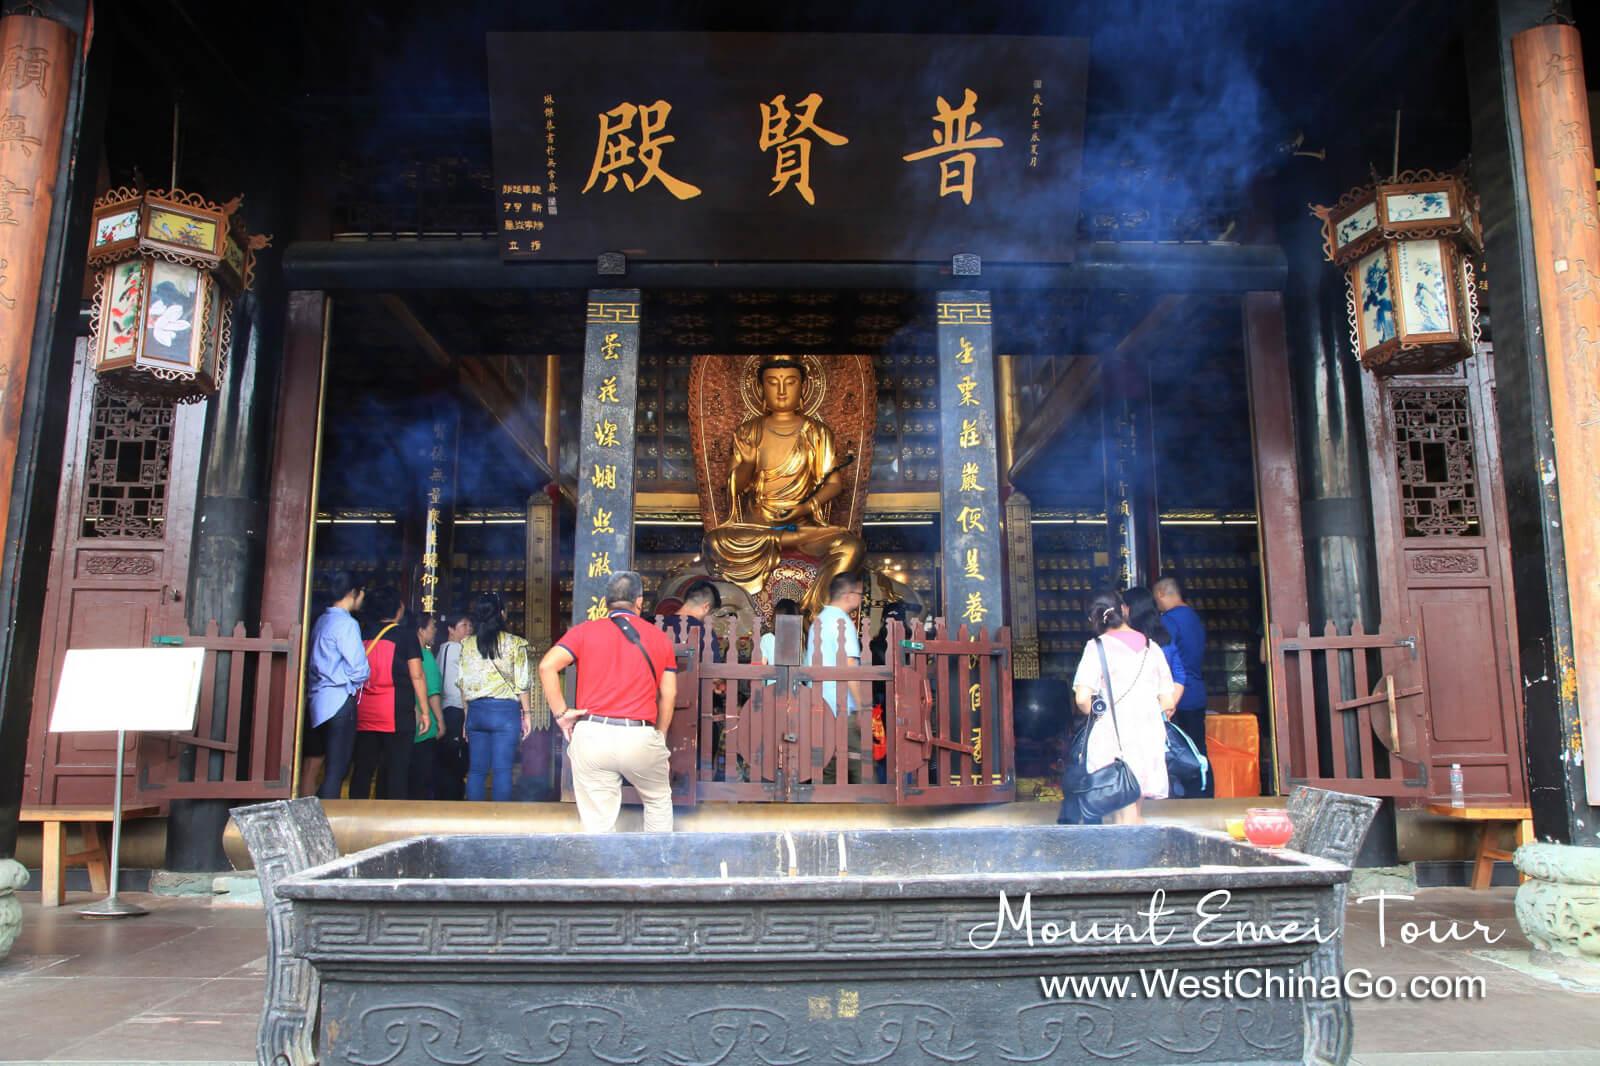 Mount Emei BaoGuo Temple